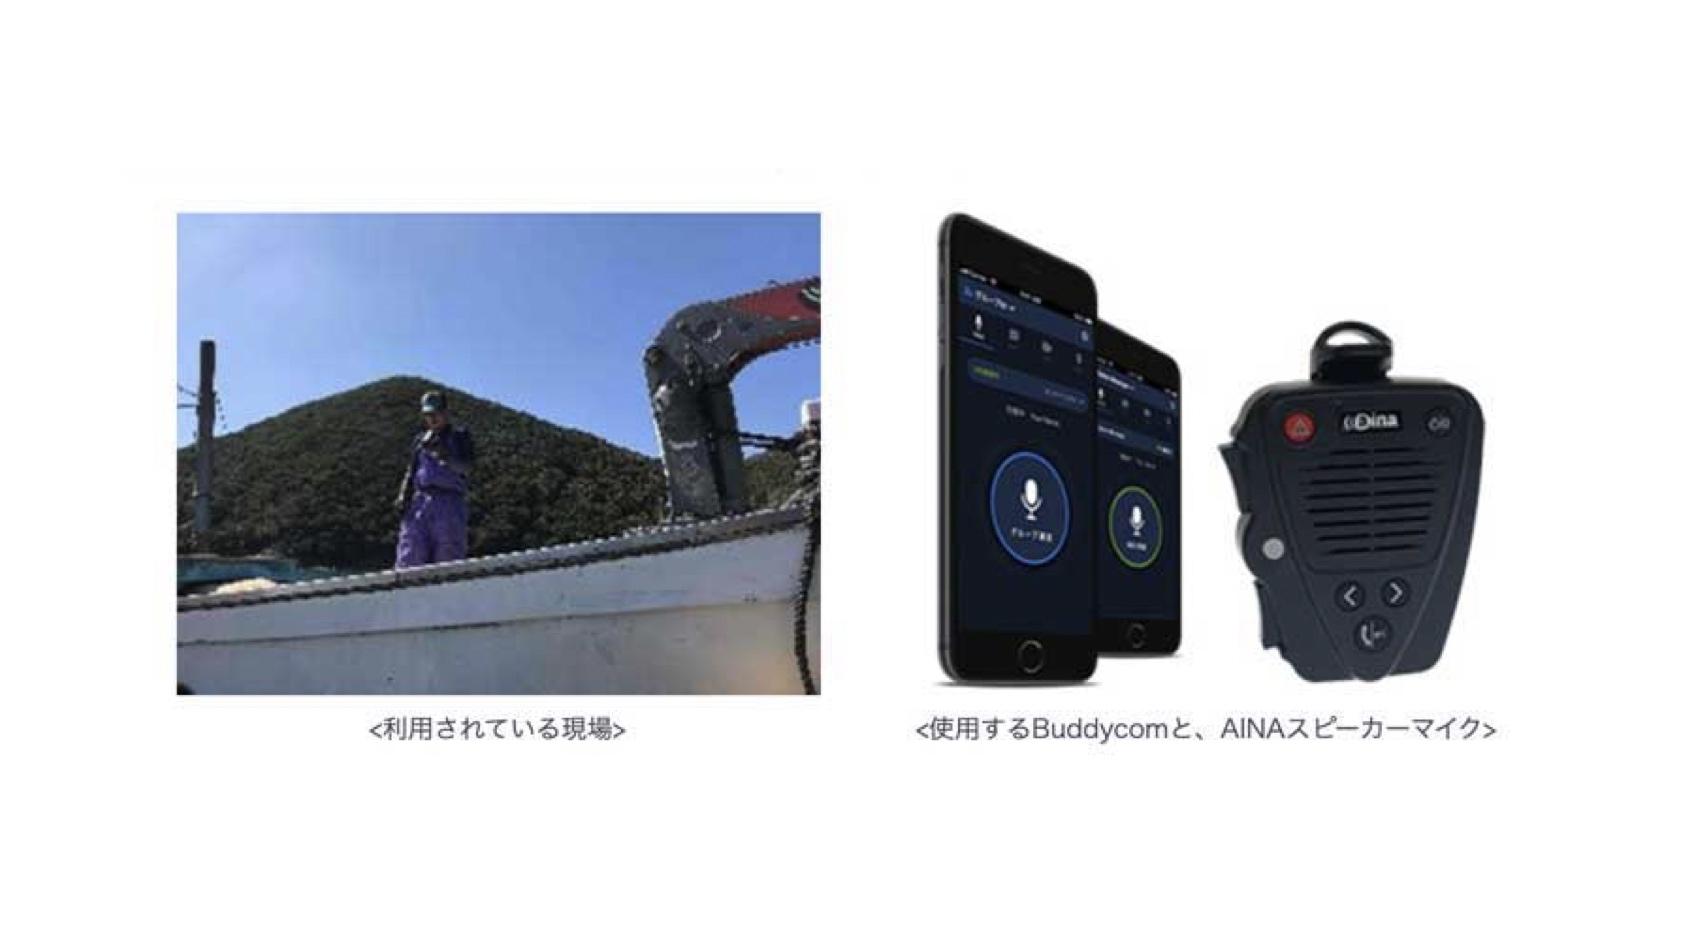 長崎県五島市×サイエンスアーツ×KDDI |マグロ養殖作業者の作業効率化・安全確保に向けた実証実験を実施